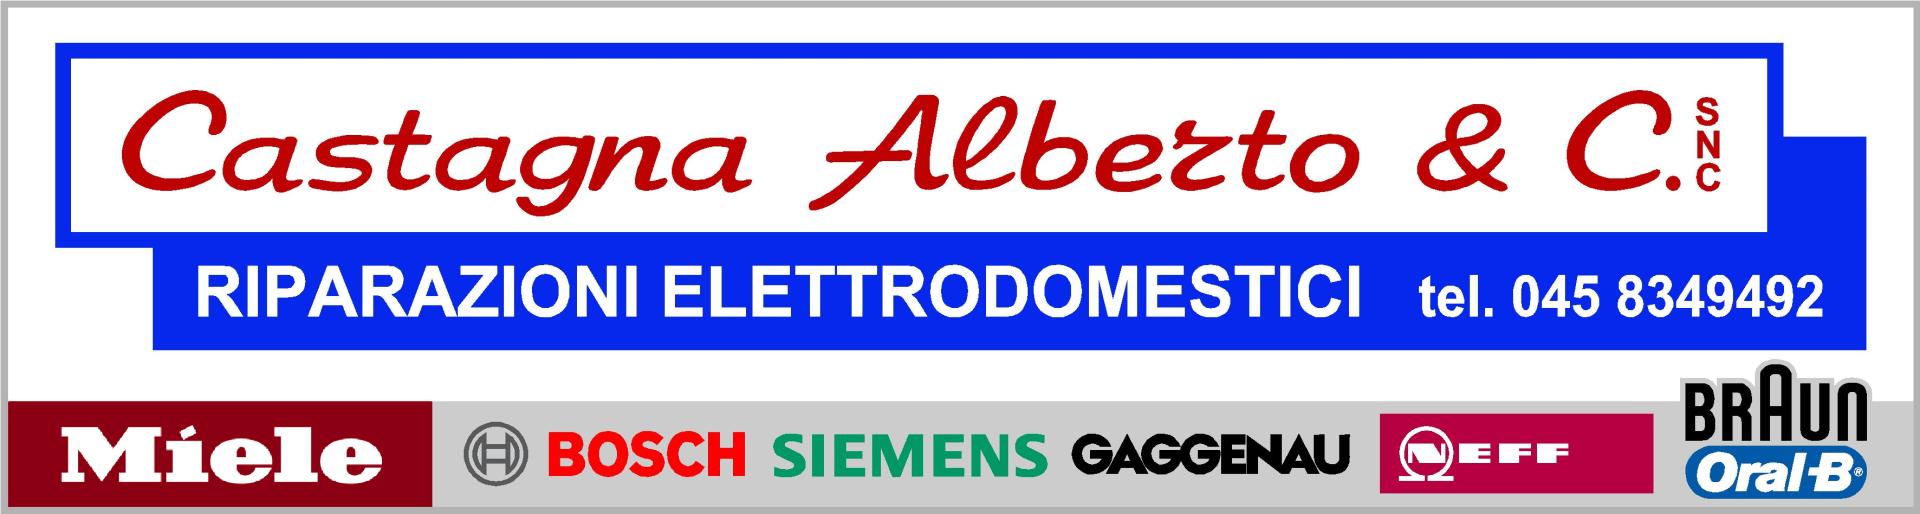 Castagna Alberto & C., Verona, riparazioni a domicilio, fornitura ...